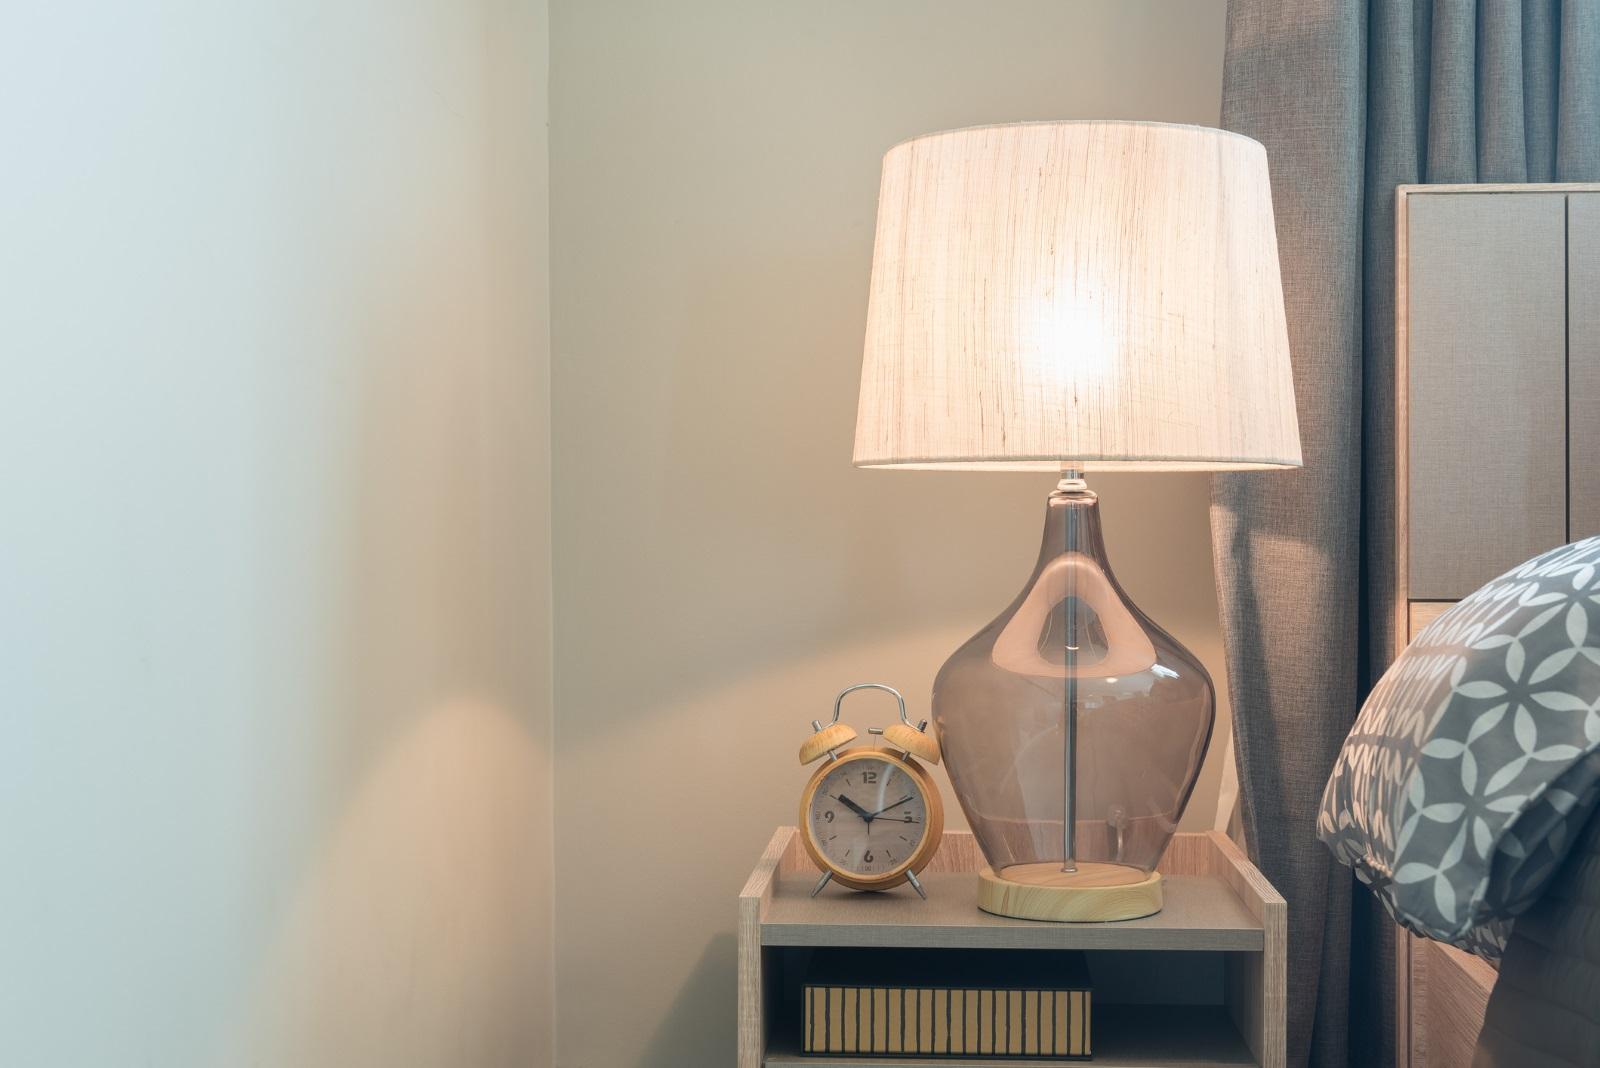 Една хитра идея за промяна в интериора на дома са лампите. И по-конкретно като обновите външния им вид. Например абажурите, променете цвета в по-свеж и протелетен като бледорозово, светлозелено или жълто. Може да го направите сами с подръчни материали.